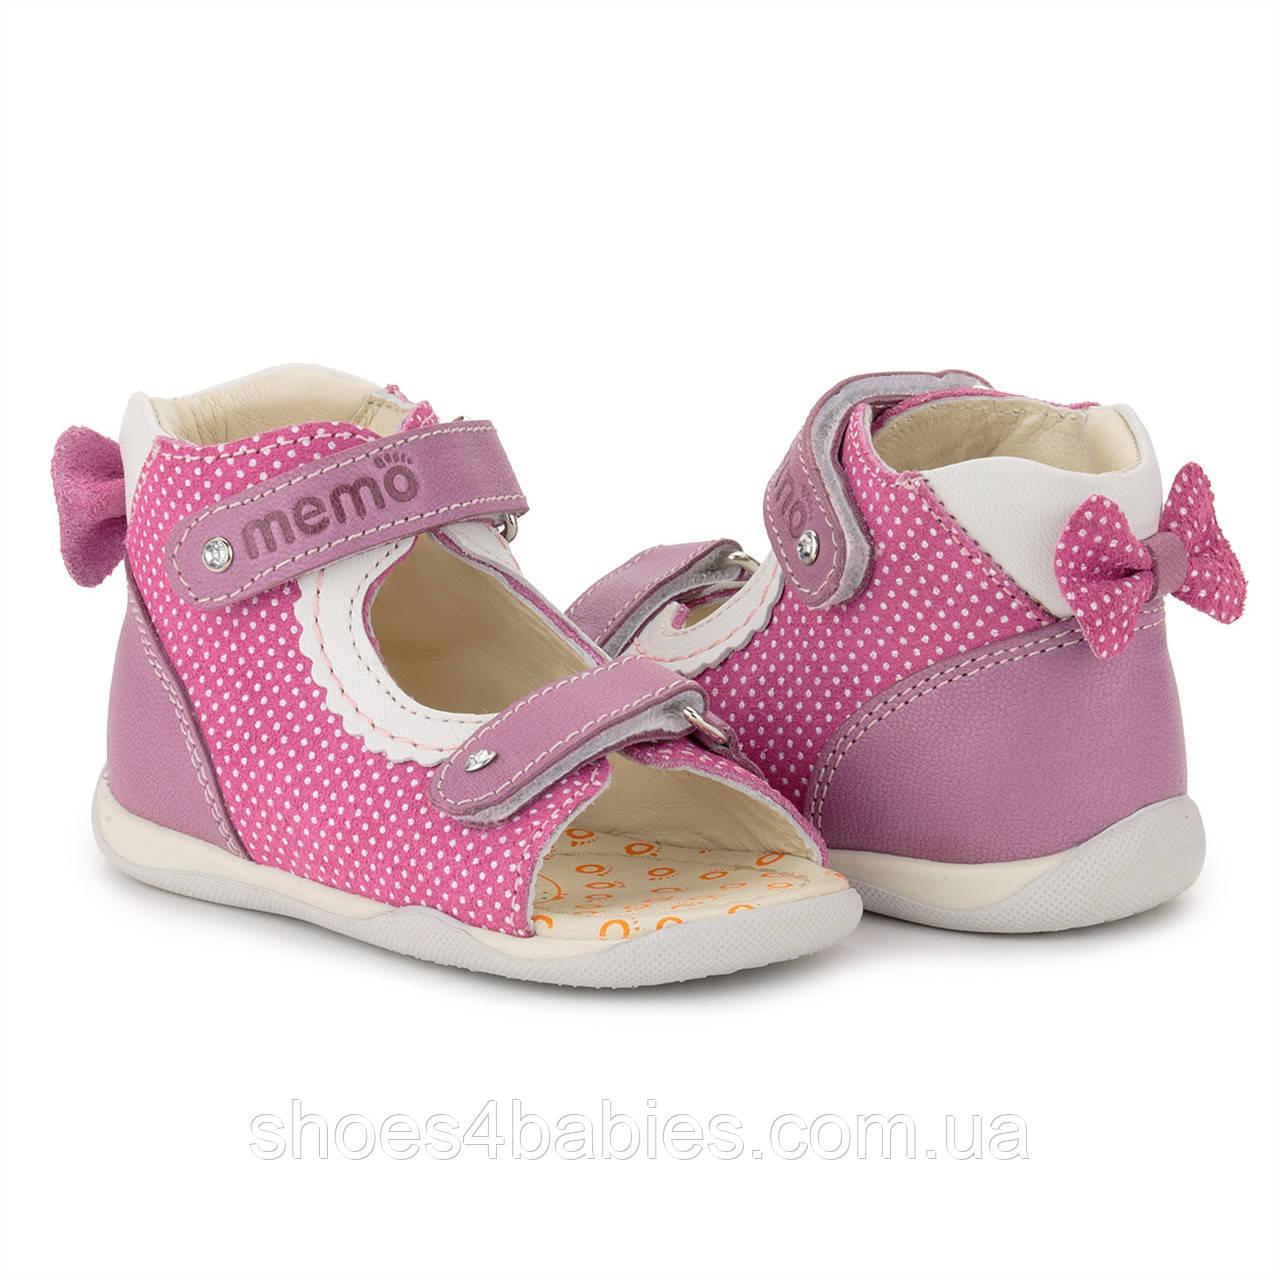 Memo Mini 1JE Рожеві Ортопедичні босоніжки для дівчаток (р. 18-21)